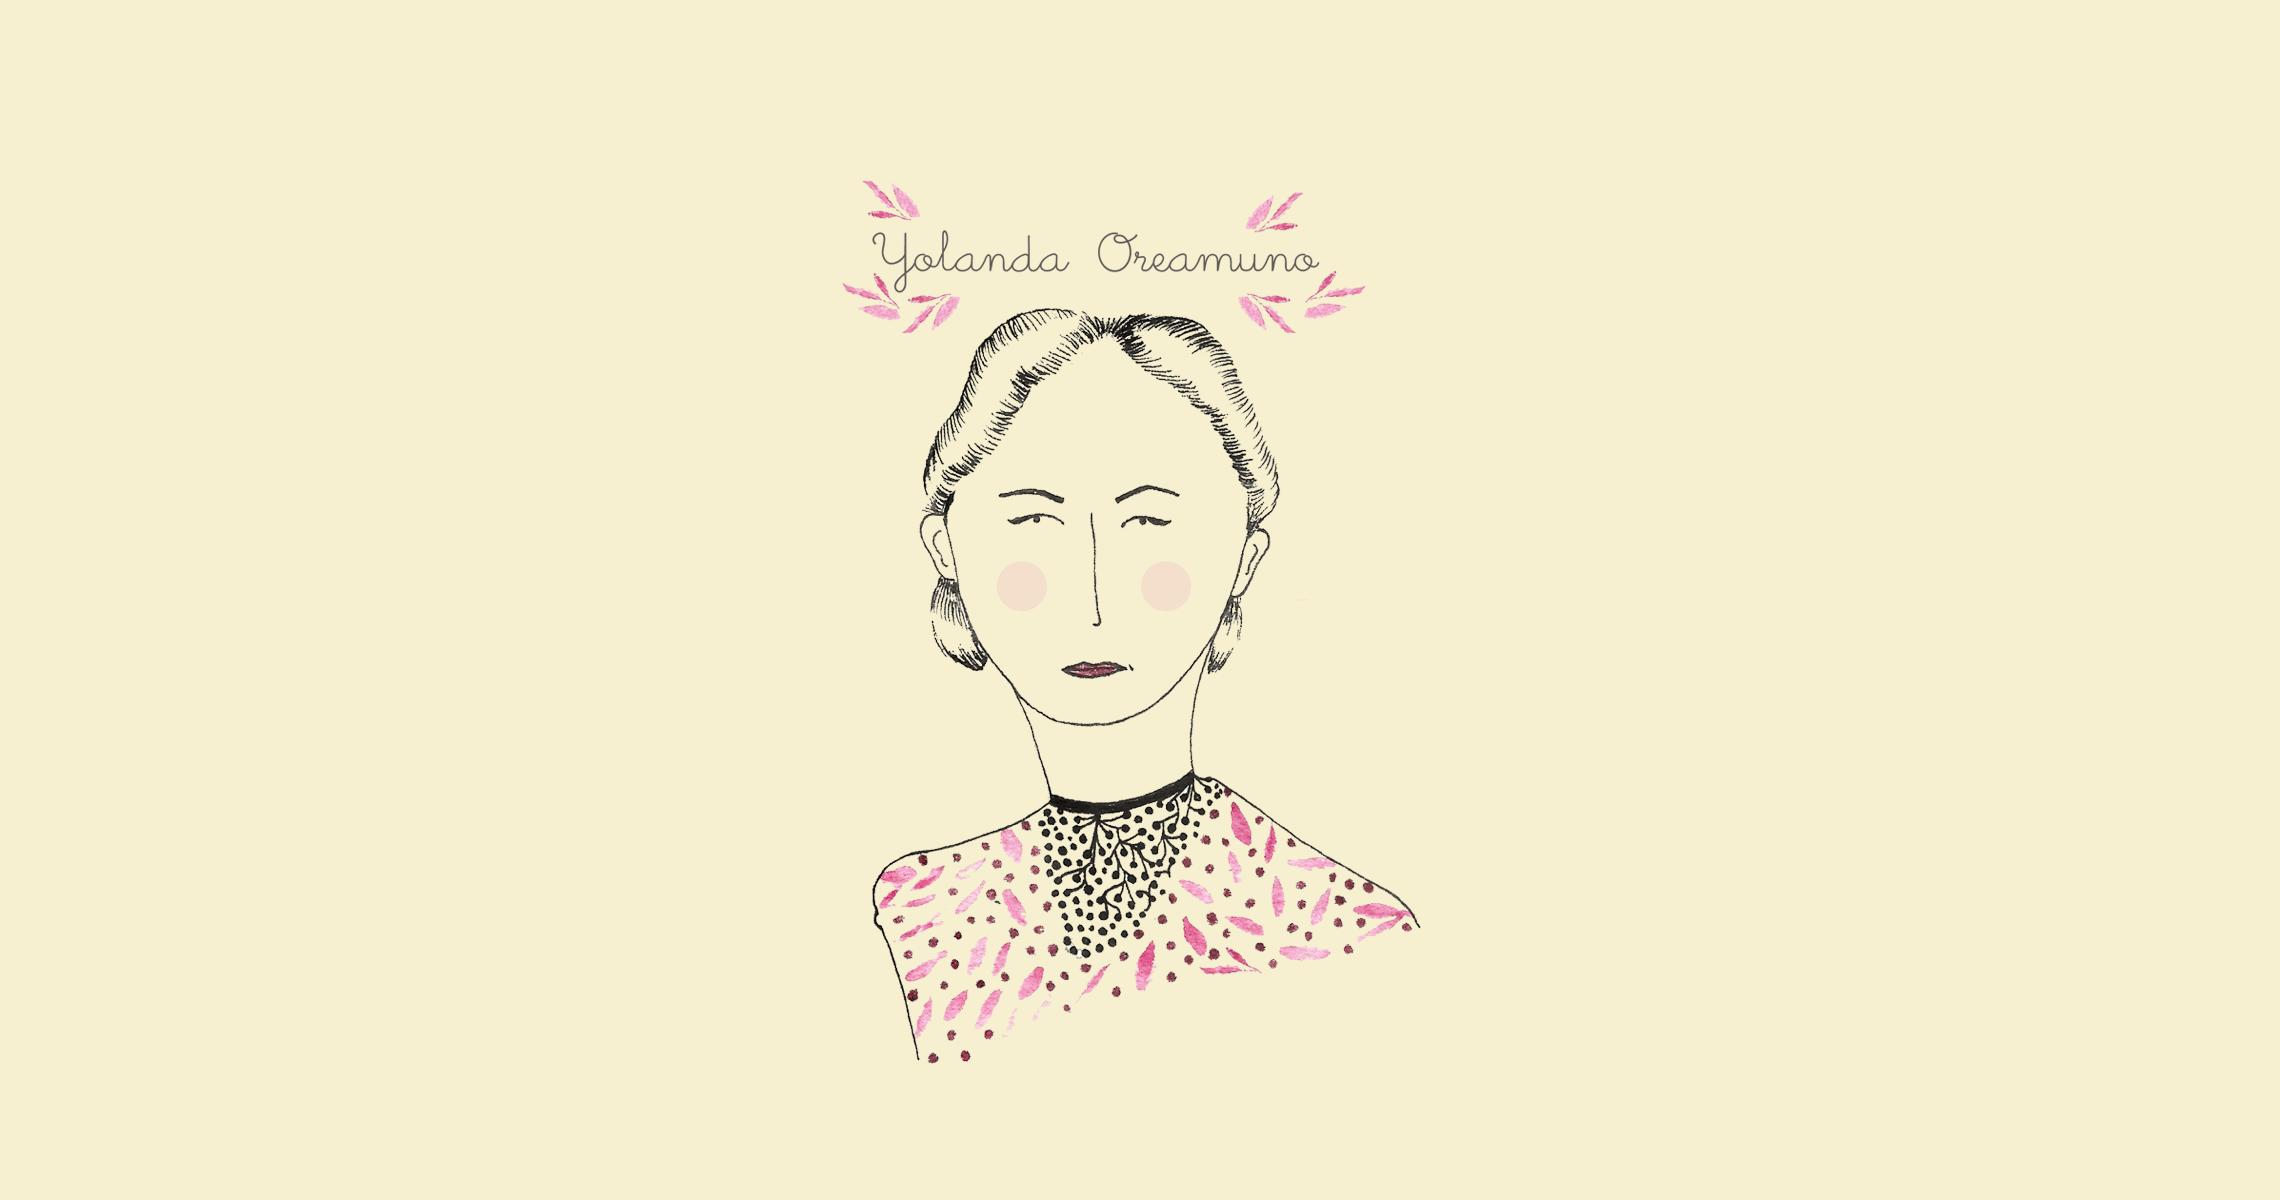 Ilustración de Yolanda Oreamuno por Alejandra Montero